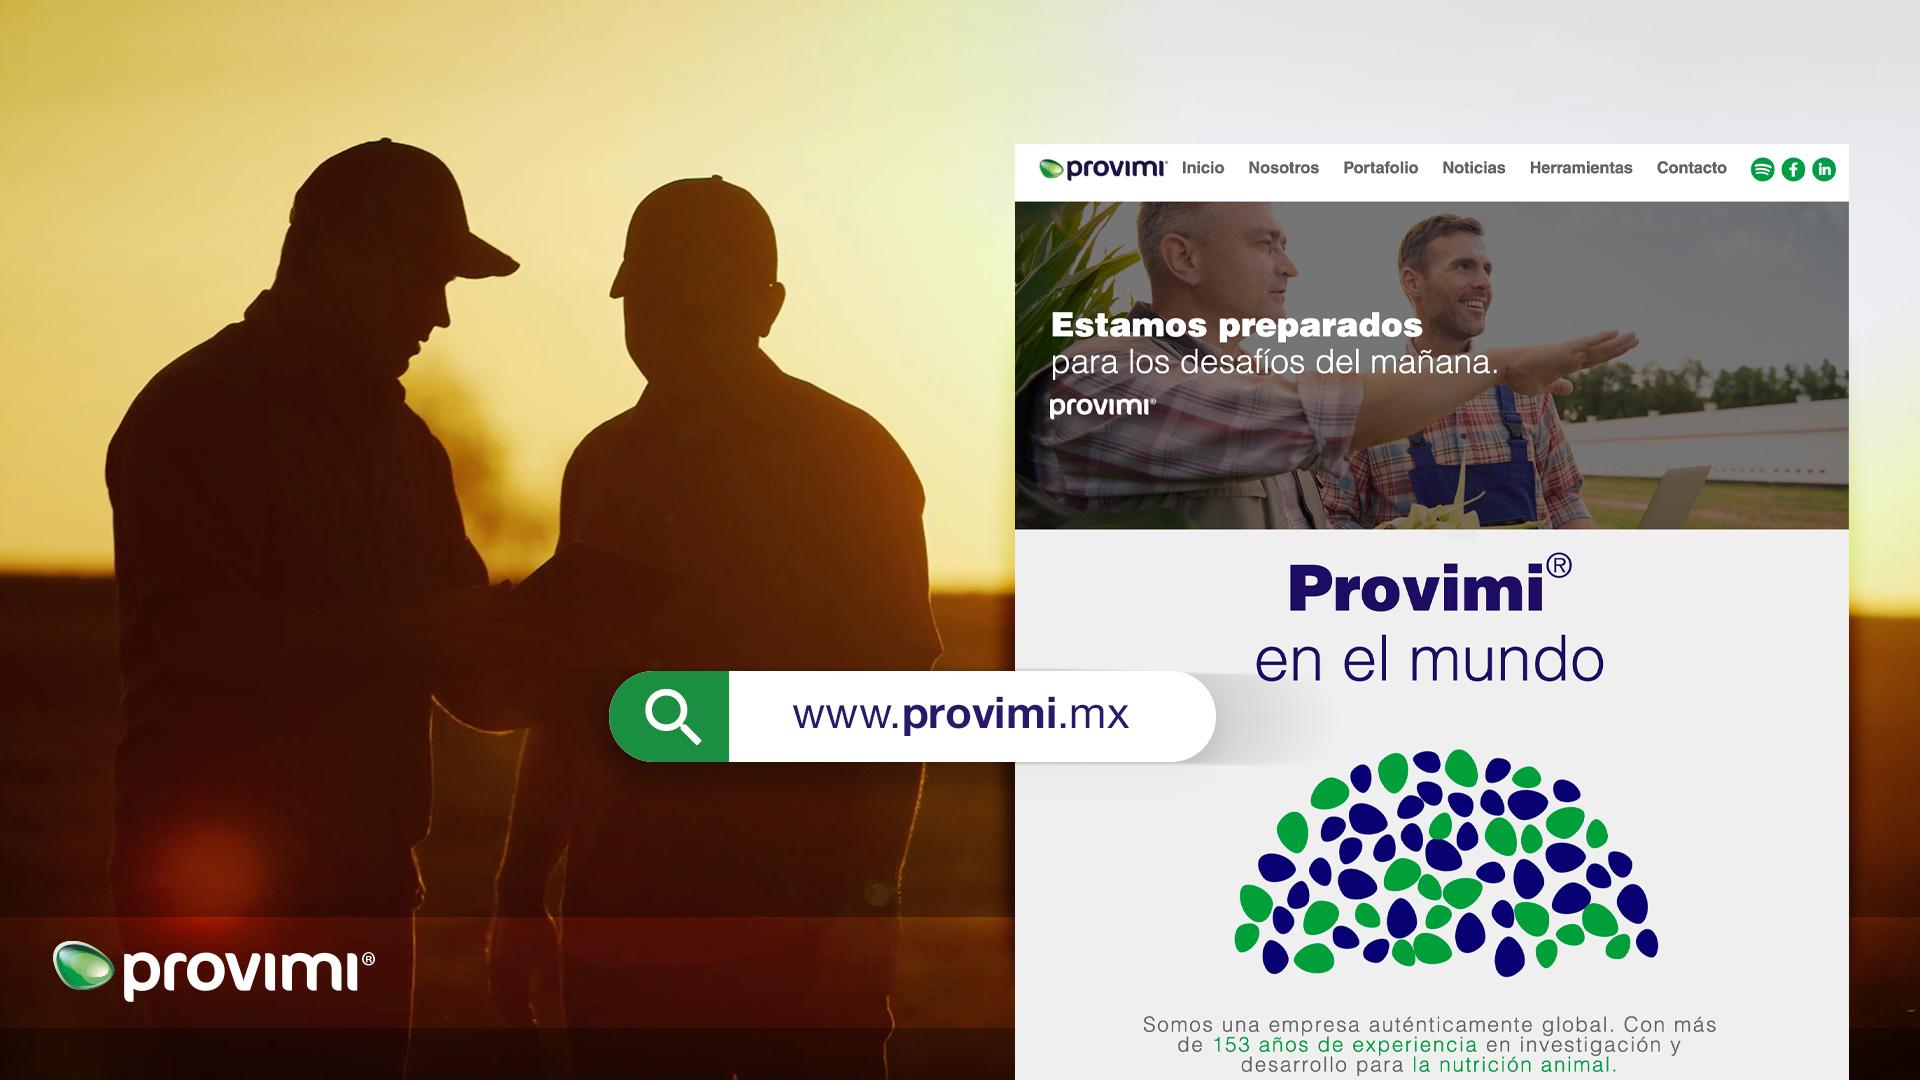 Nuestros servicios no terminan aquí; en Provimi® lanzamos nuevo sitio web